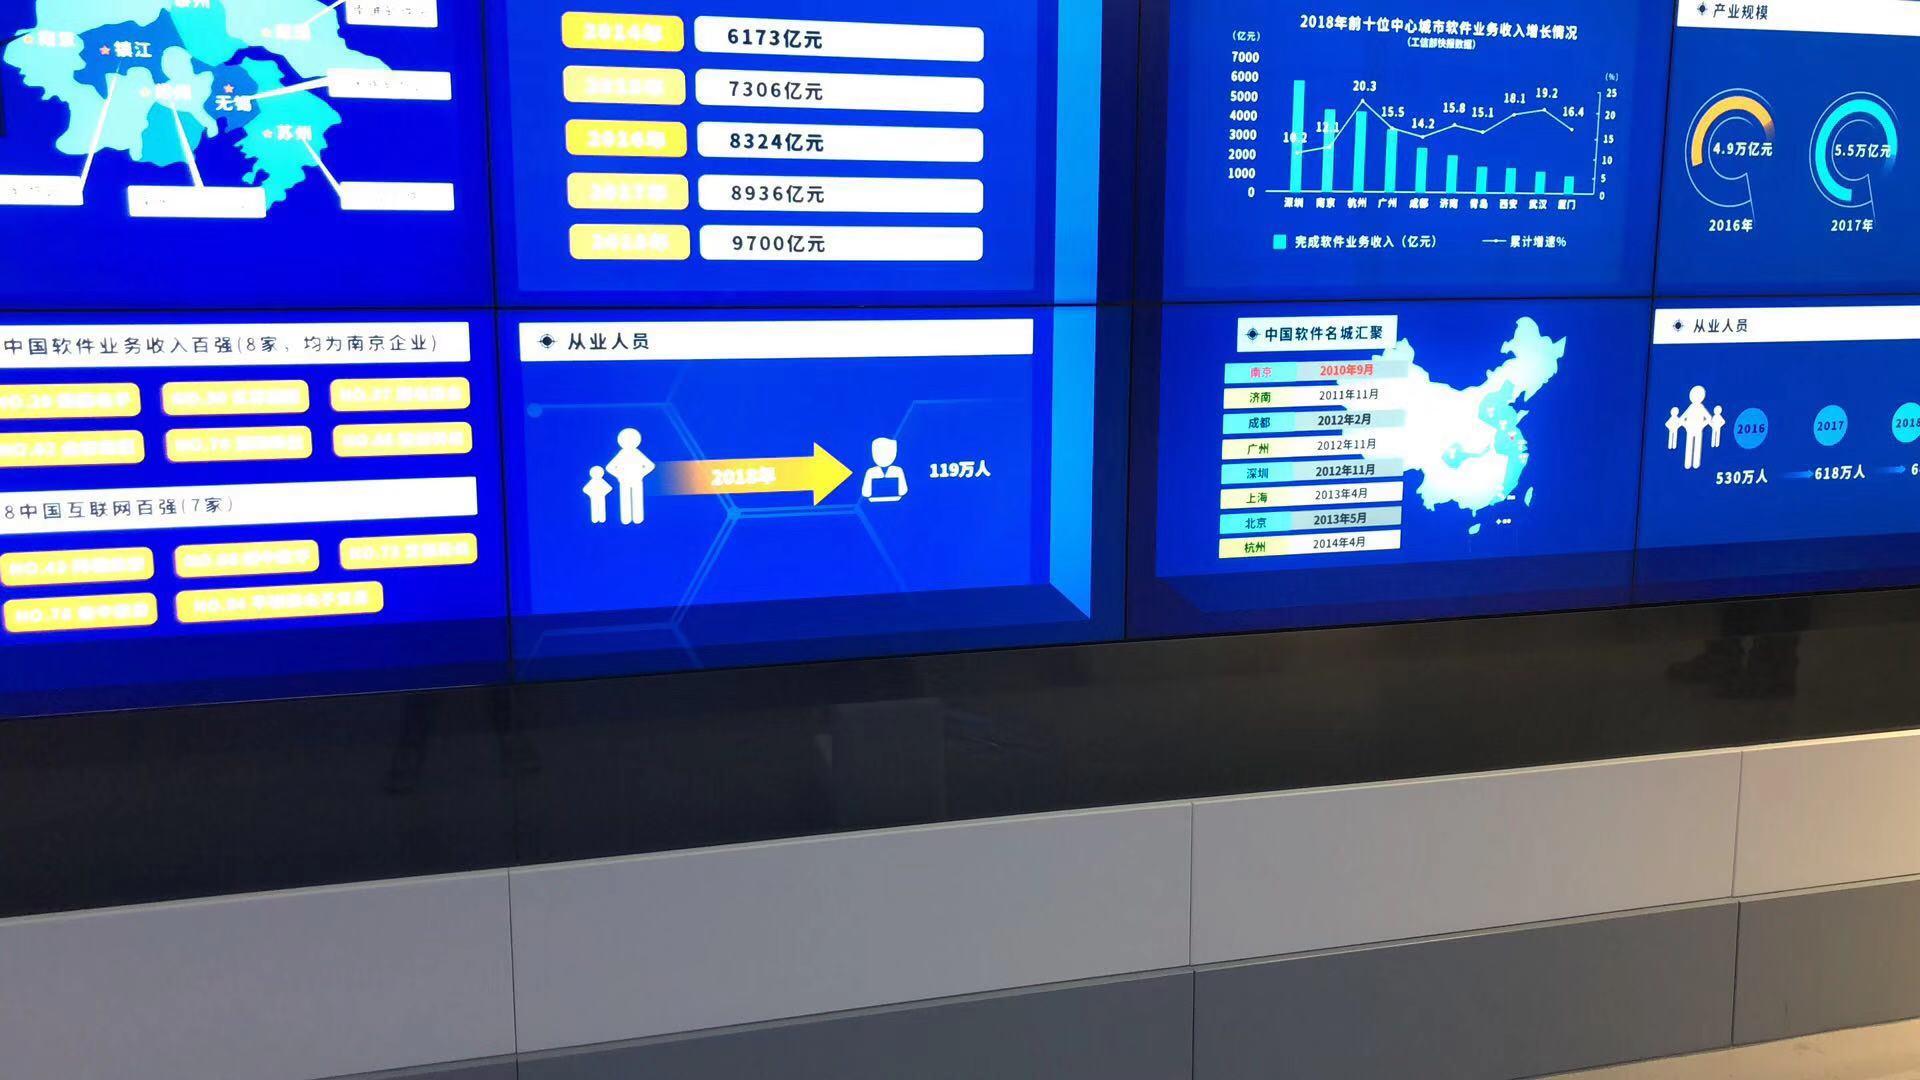 企业展示大厅为什么使用拼接屏比LED屏多呢?